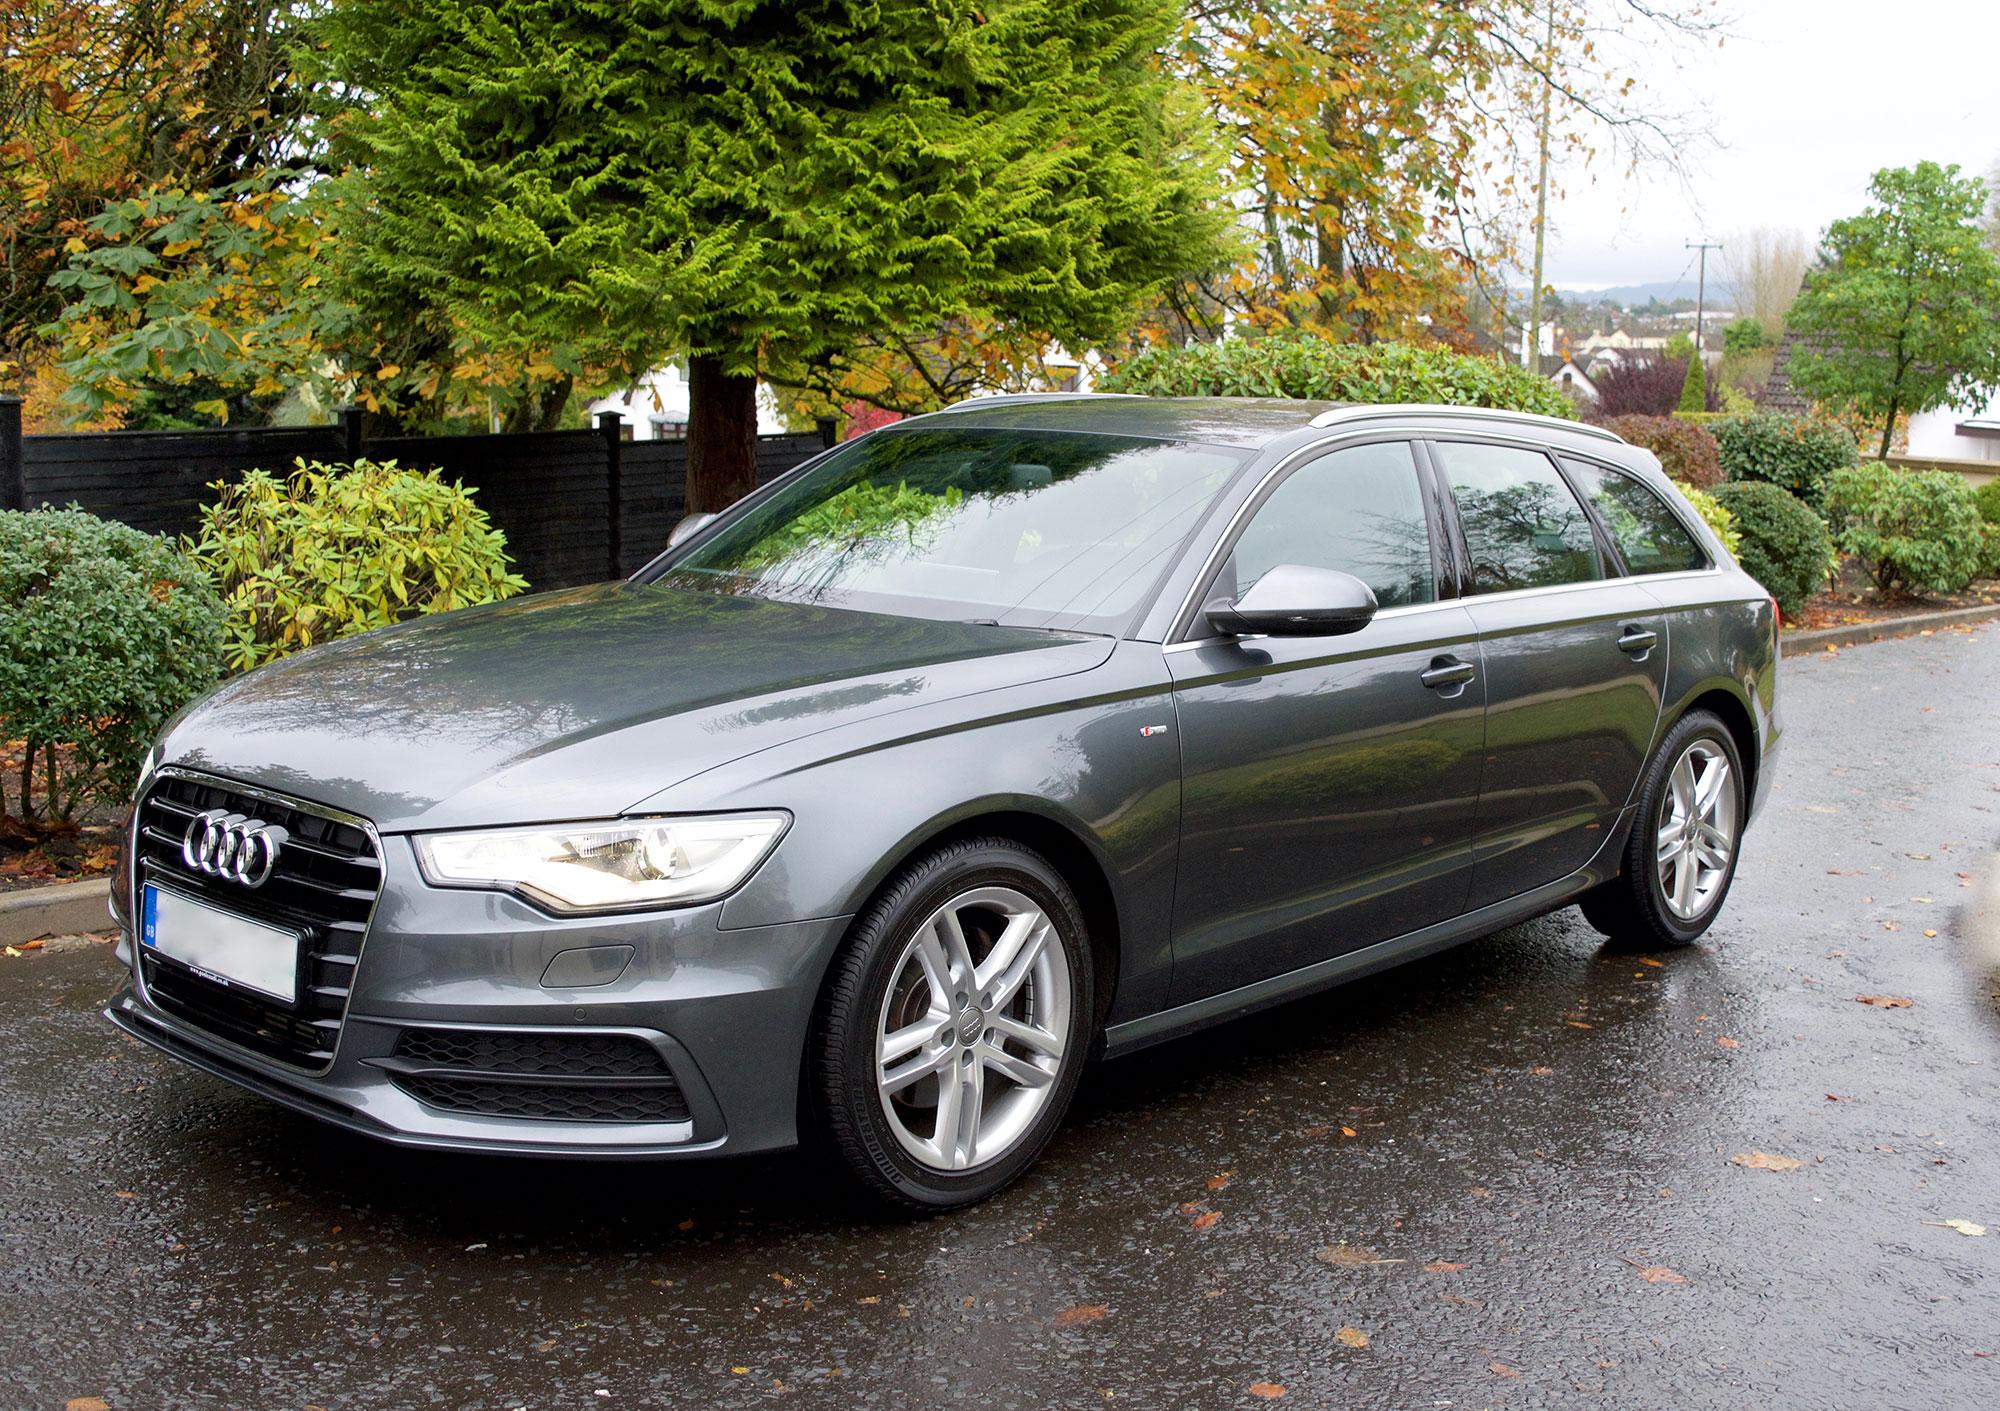 2014 Audi A6 Avant 3.0D